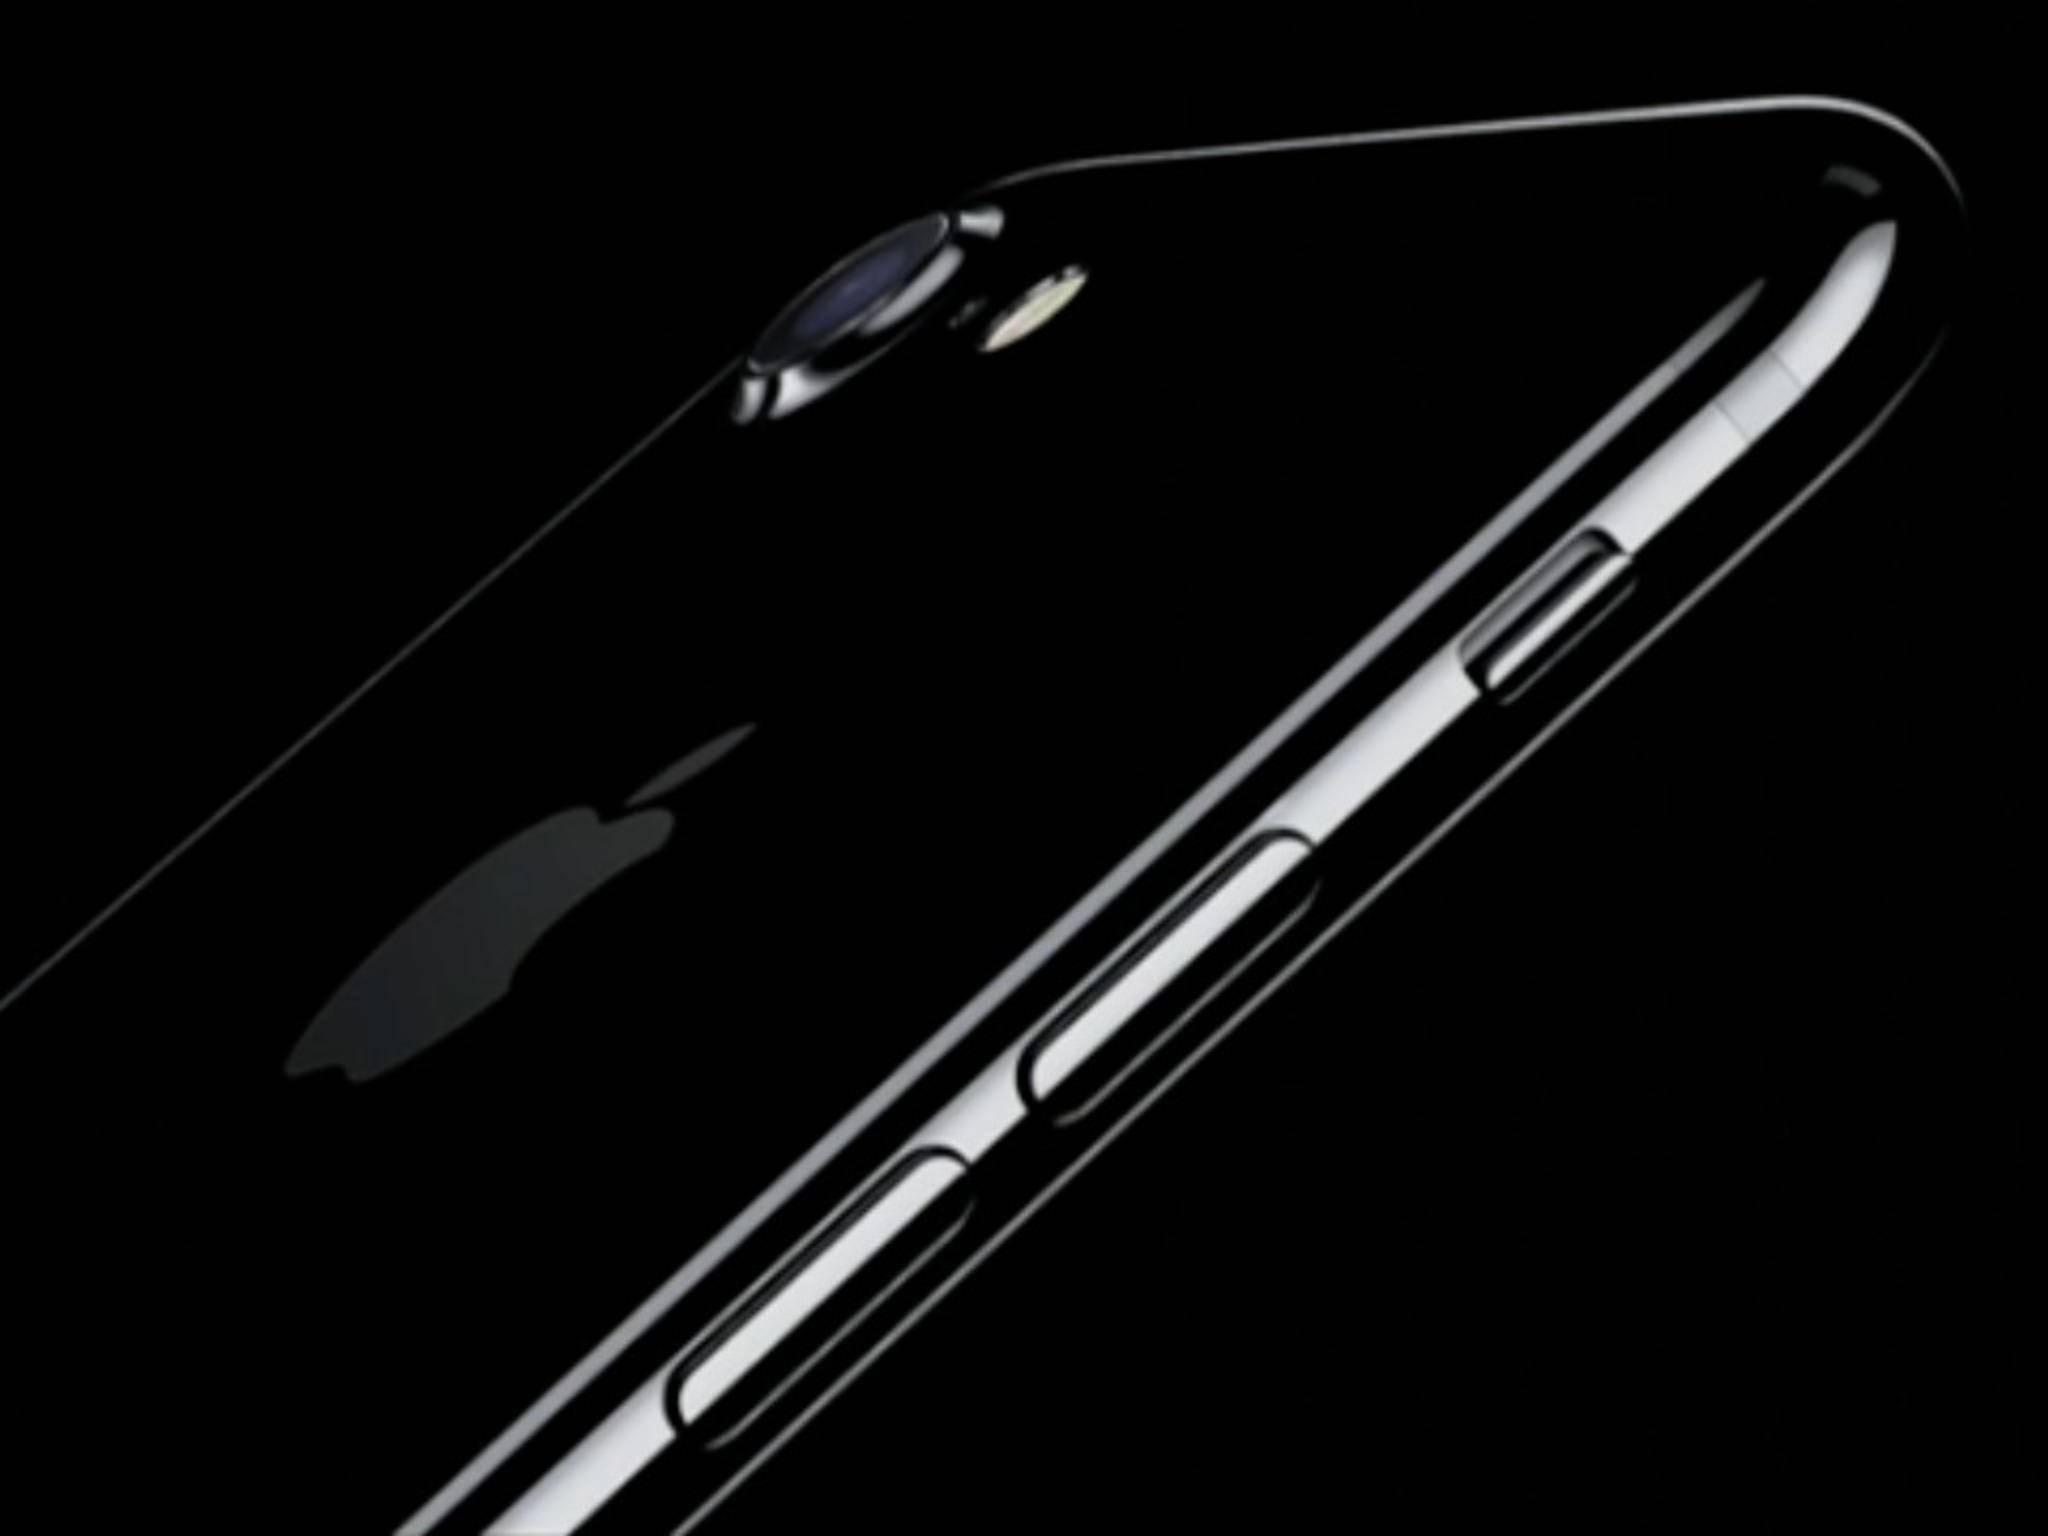 iPhone 7 in Diamantschwarz: Schön, aber schwierig herzustellen.